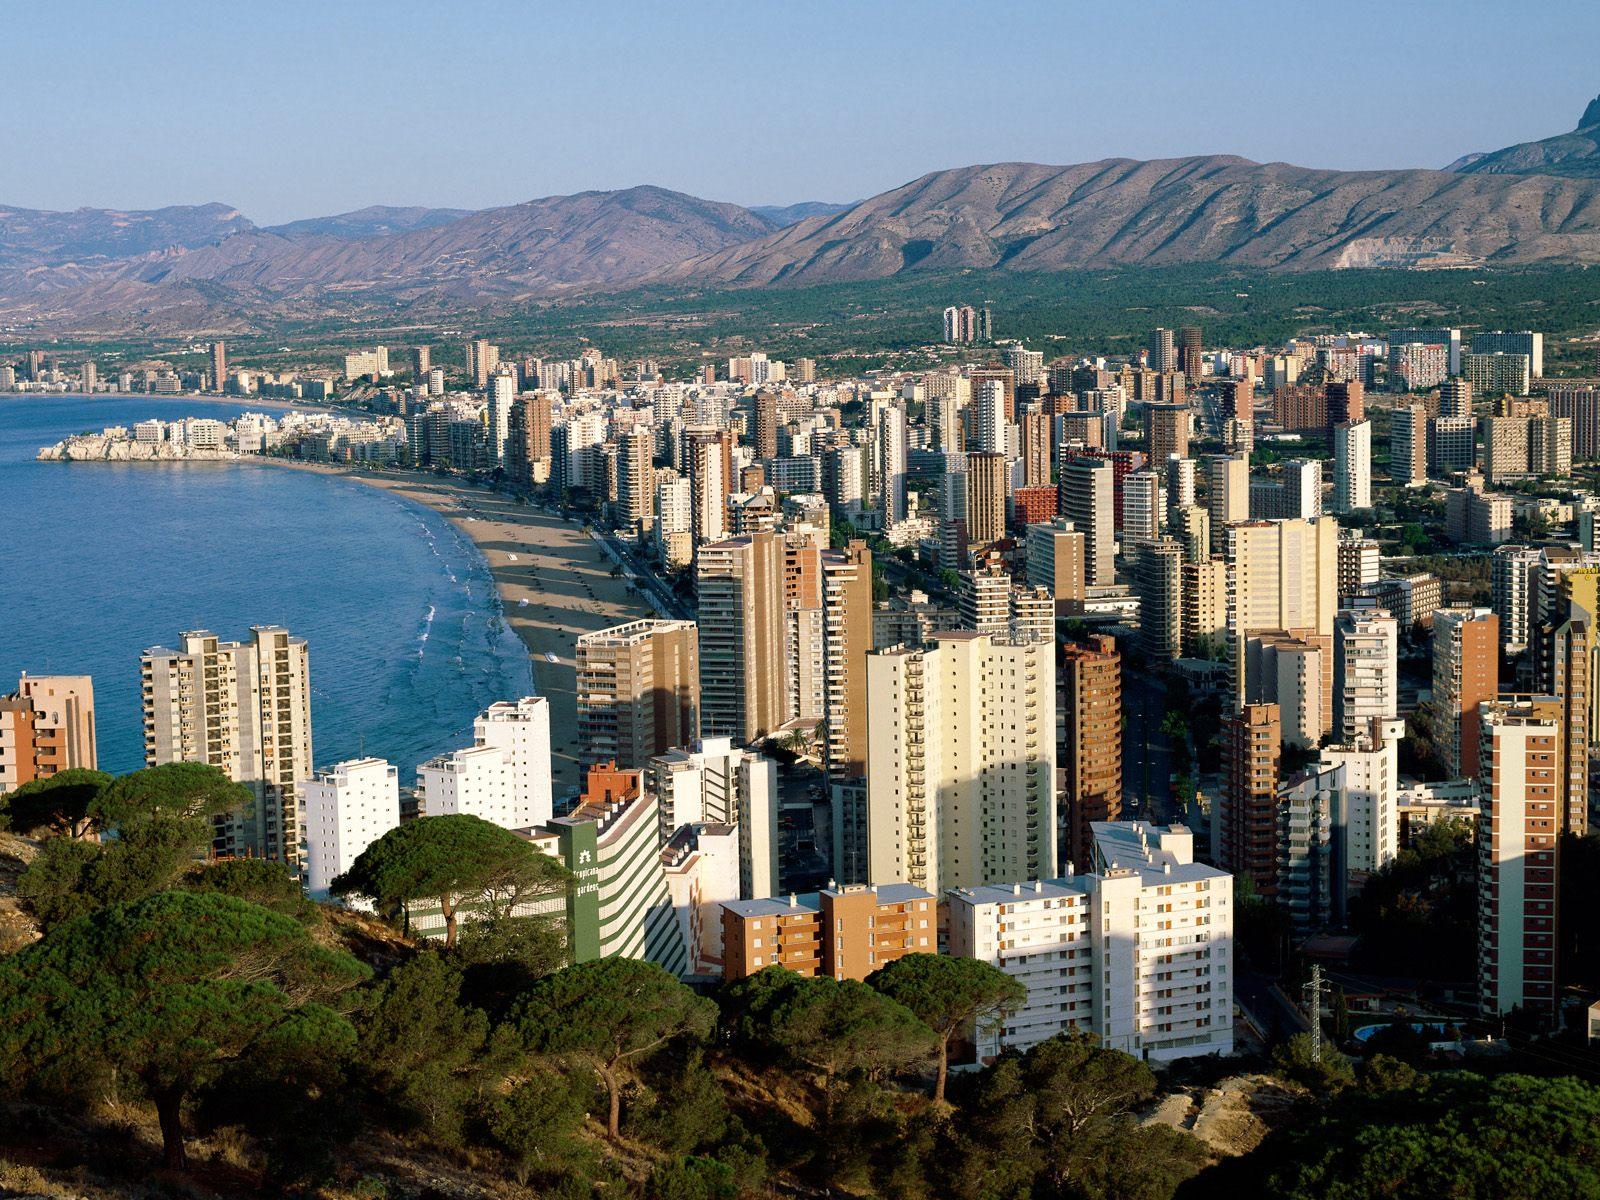 http://2.bp.blogspot.com/_ioD6UOQqcyA/Sw_ucB0Y1wI/AAAAAAAABnQ/aD1gcUx_NNo/s1600/Benidorm,+Costa+Blanca,+Spain.jpg